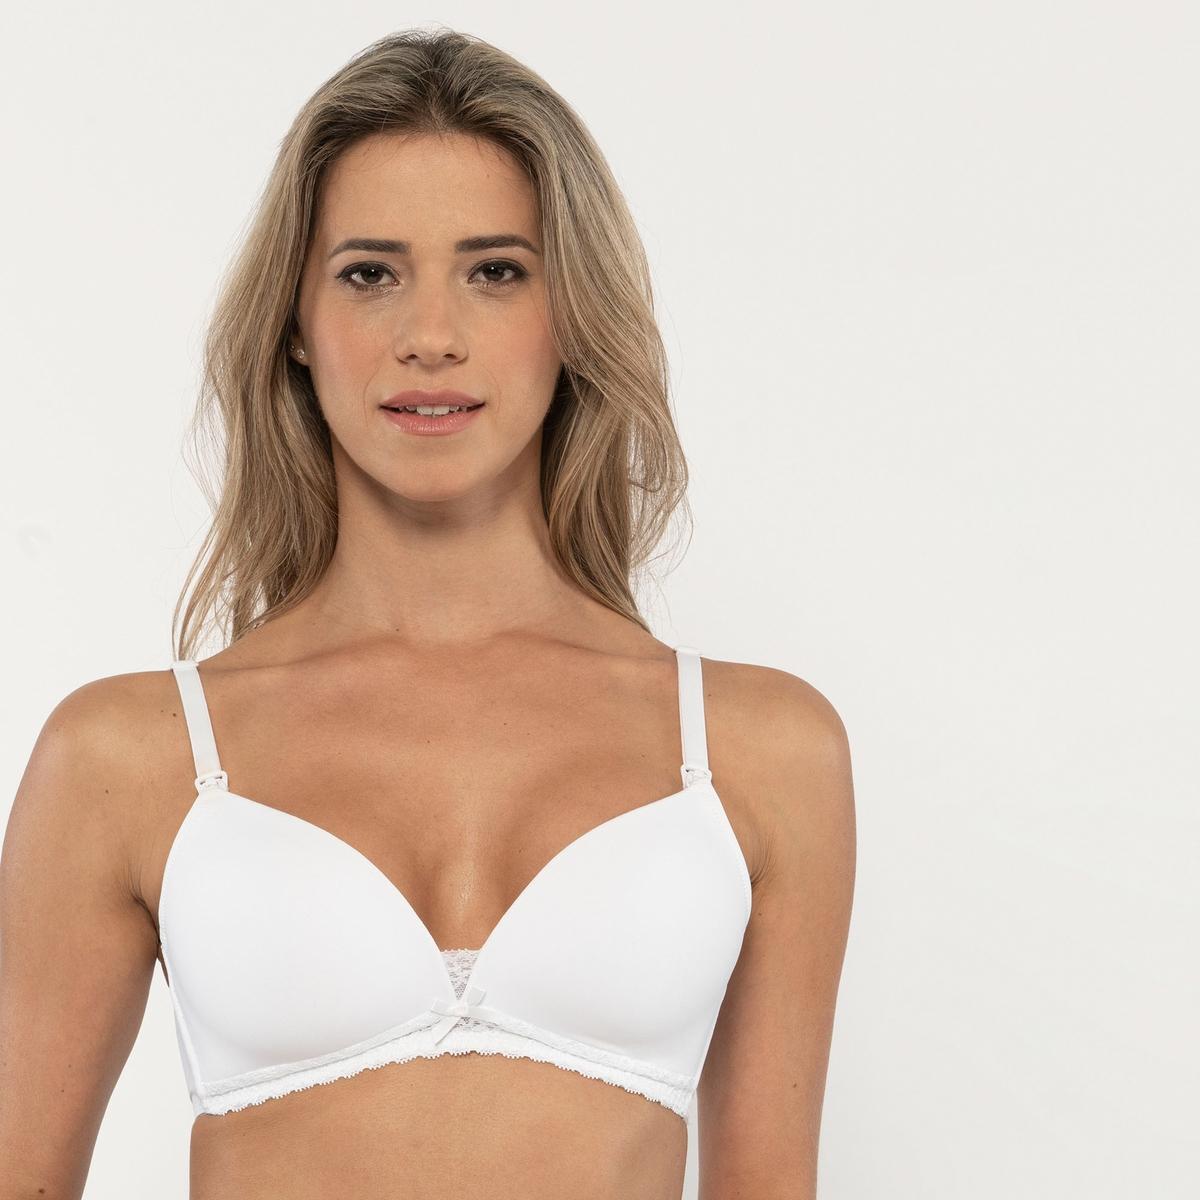 Бюстгальтер La Redoute Для периода грудного вскармливания MAY B белый бюстгальтер la redoute для периода грудного вскармливания b черный